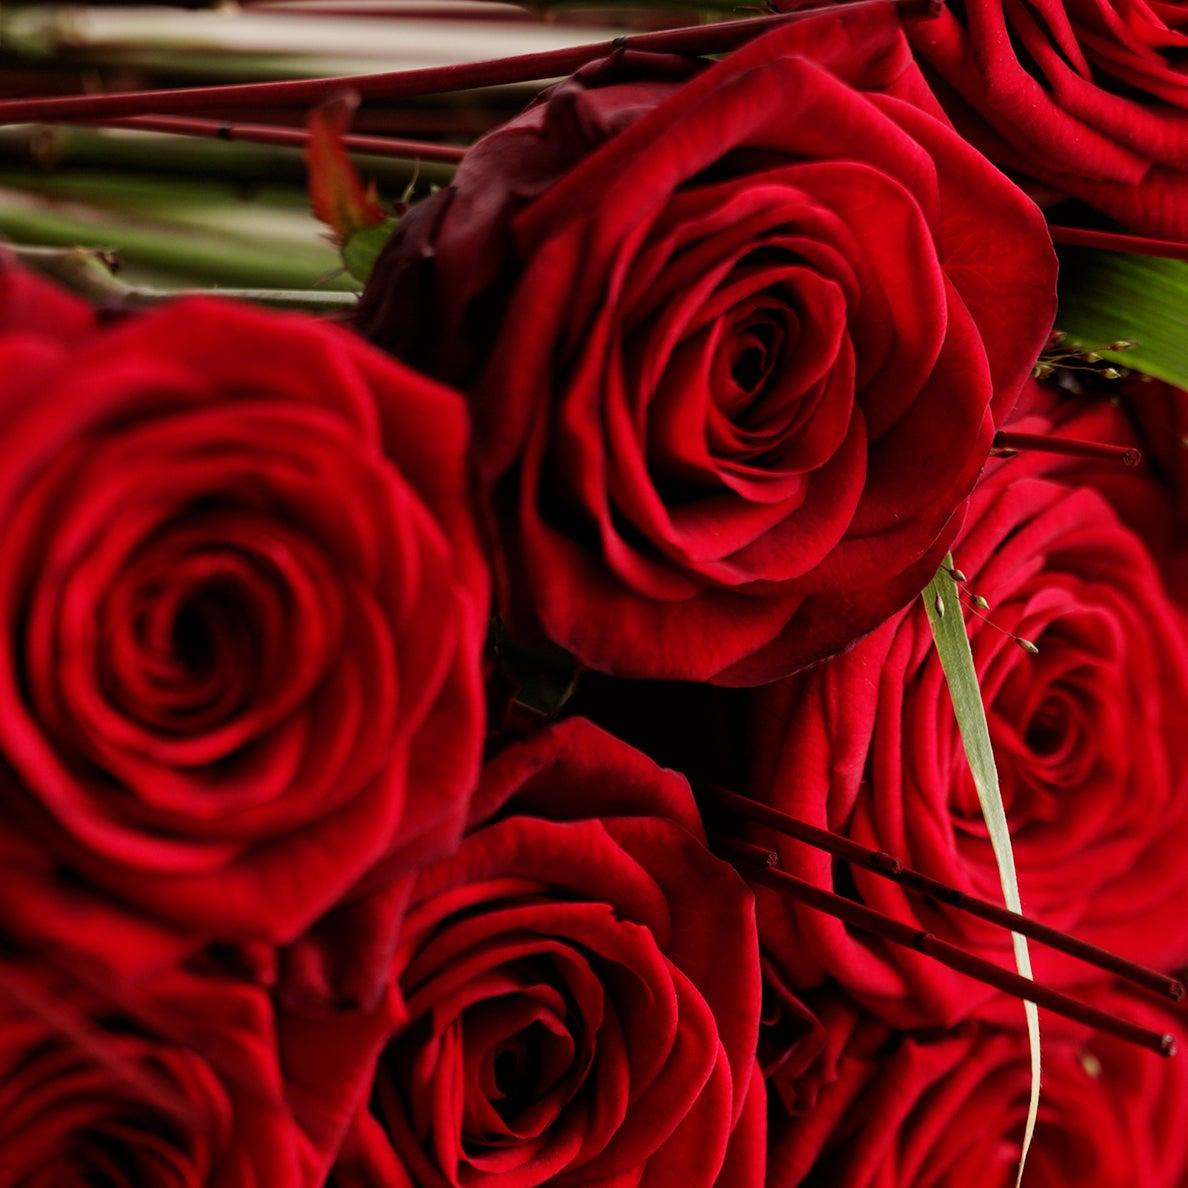 Afskårne Roser røde roser 40-60 cm pr. stk. | interflora danmark